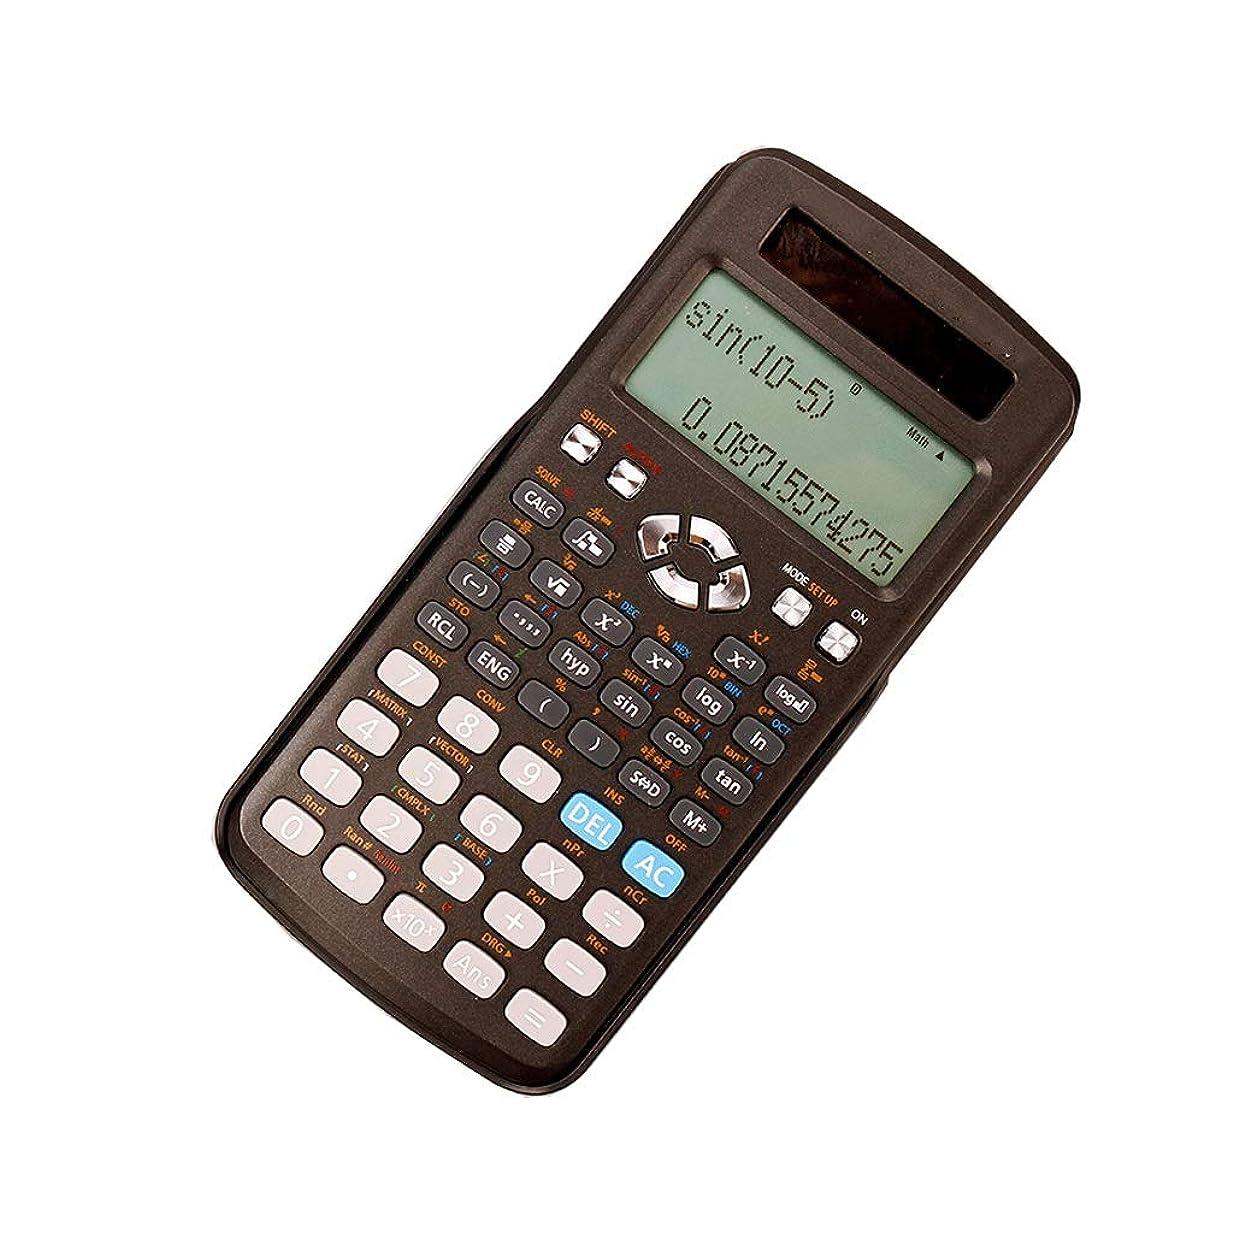 報復する強います先事務所 12ビットワイドスクリーンHDディスプレイ科学計算機学生は多機能ソーラーデュアルパワーデュアル保険電卓を使用 算数 (PATTERN : B-2)